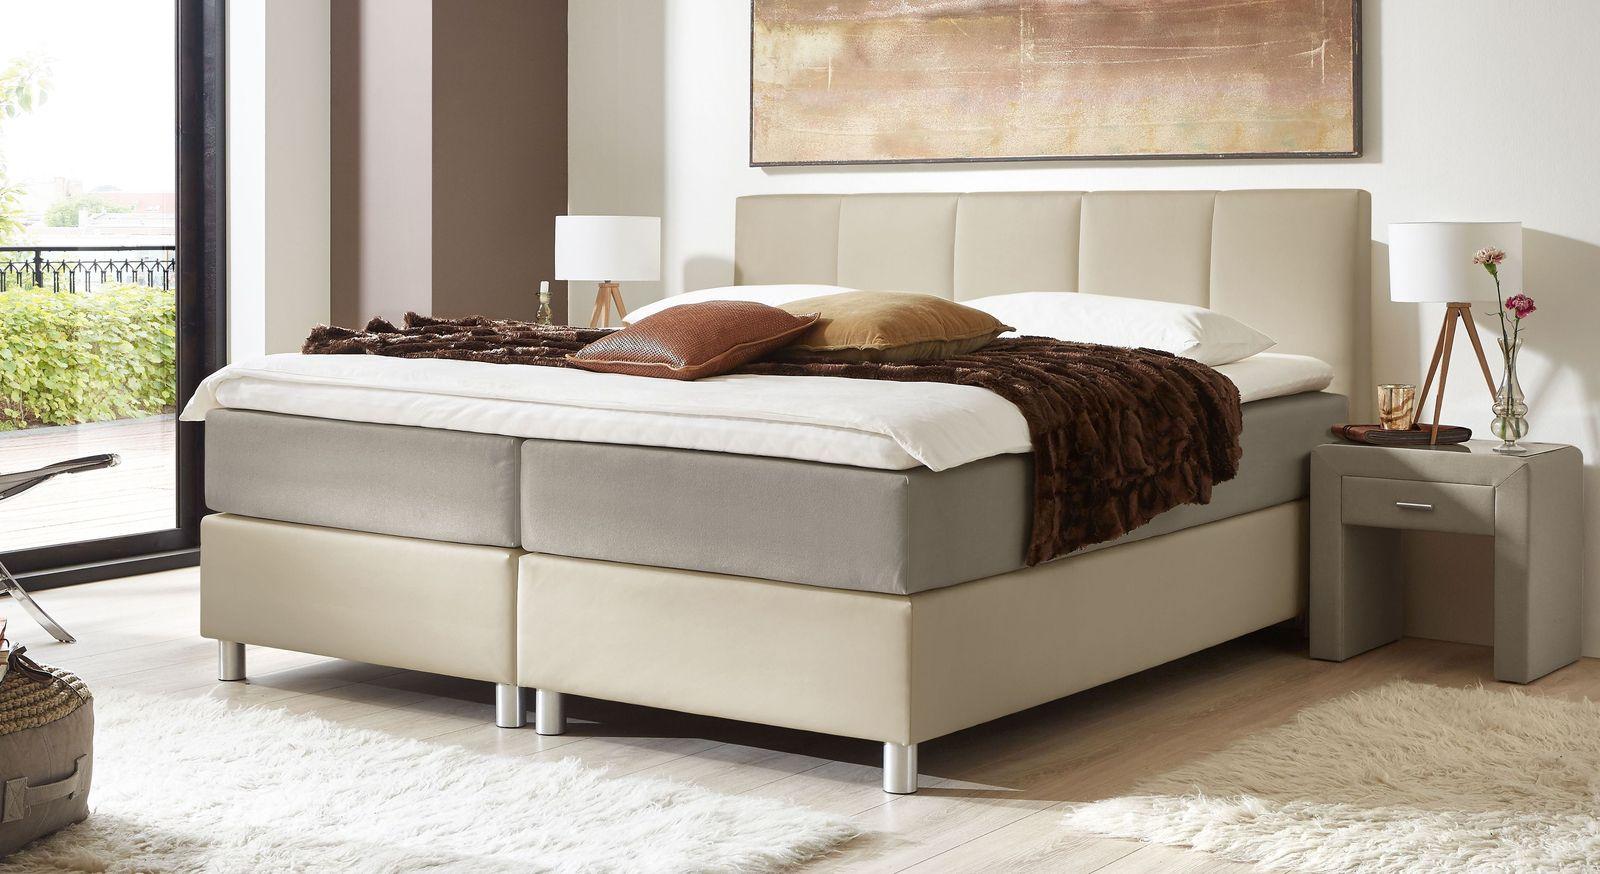 66 cm hohes Boxspringbett Greenwood aus weißem Kunstleder und taupefarbenem Stoff